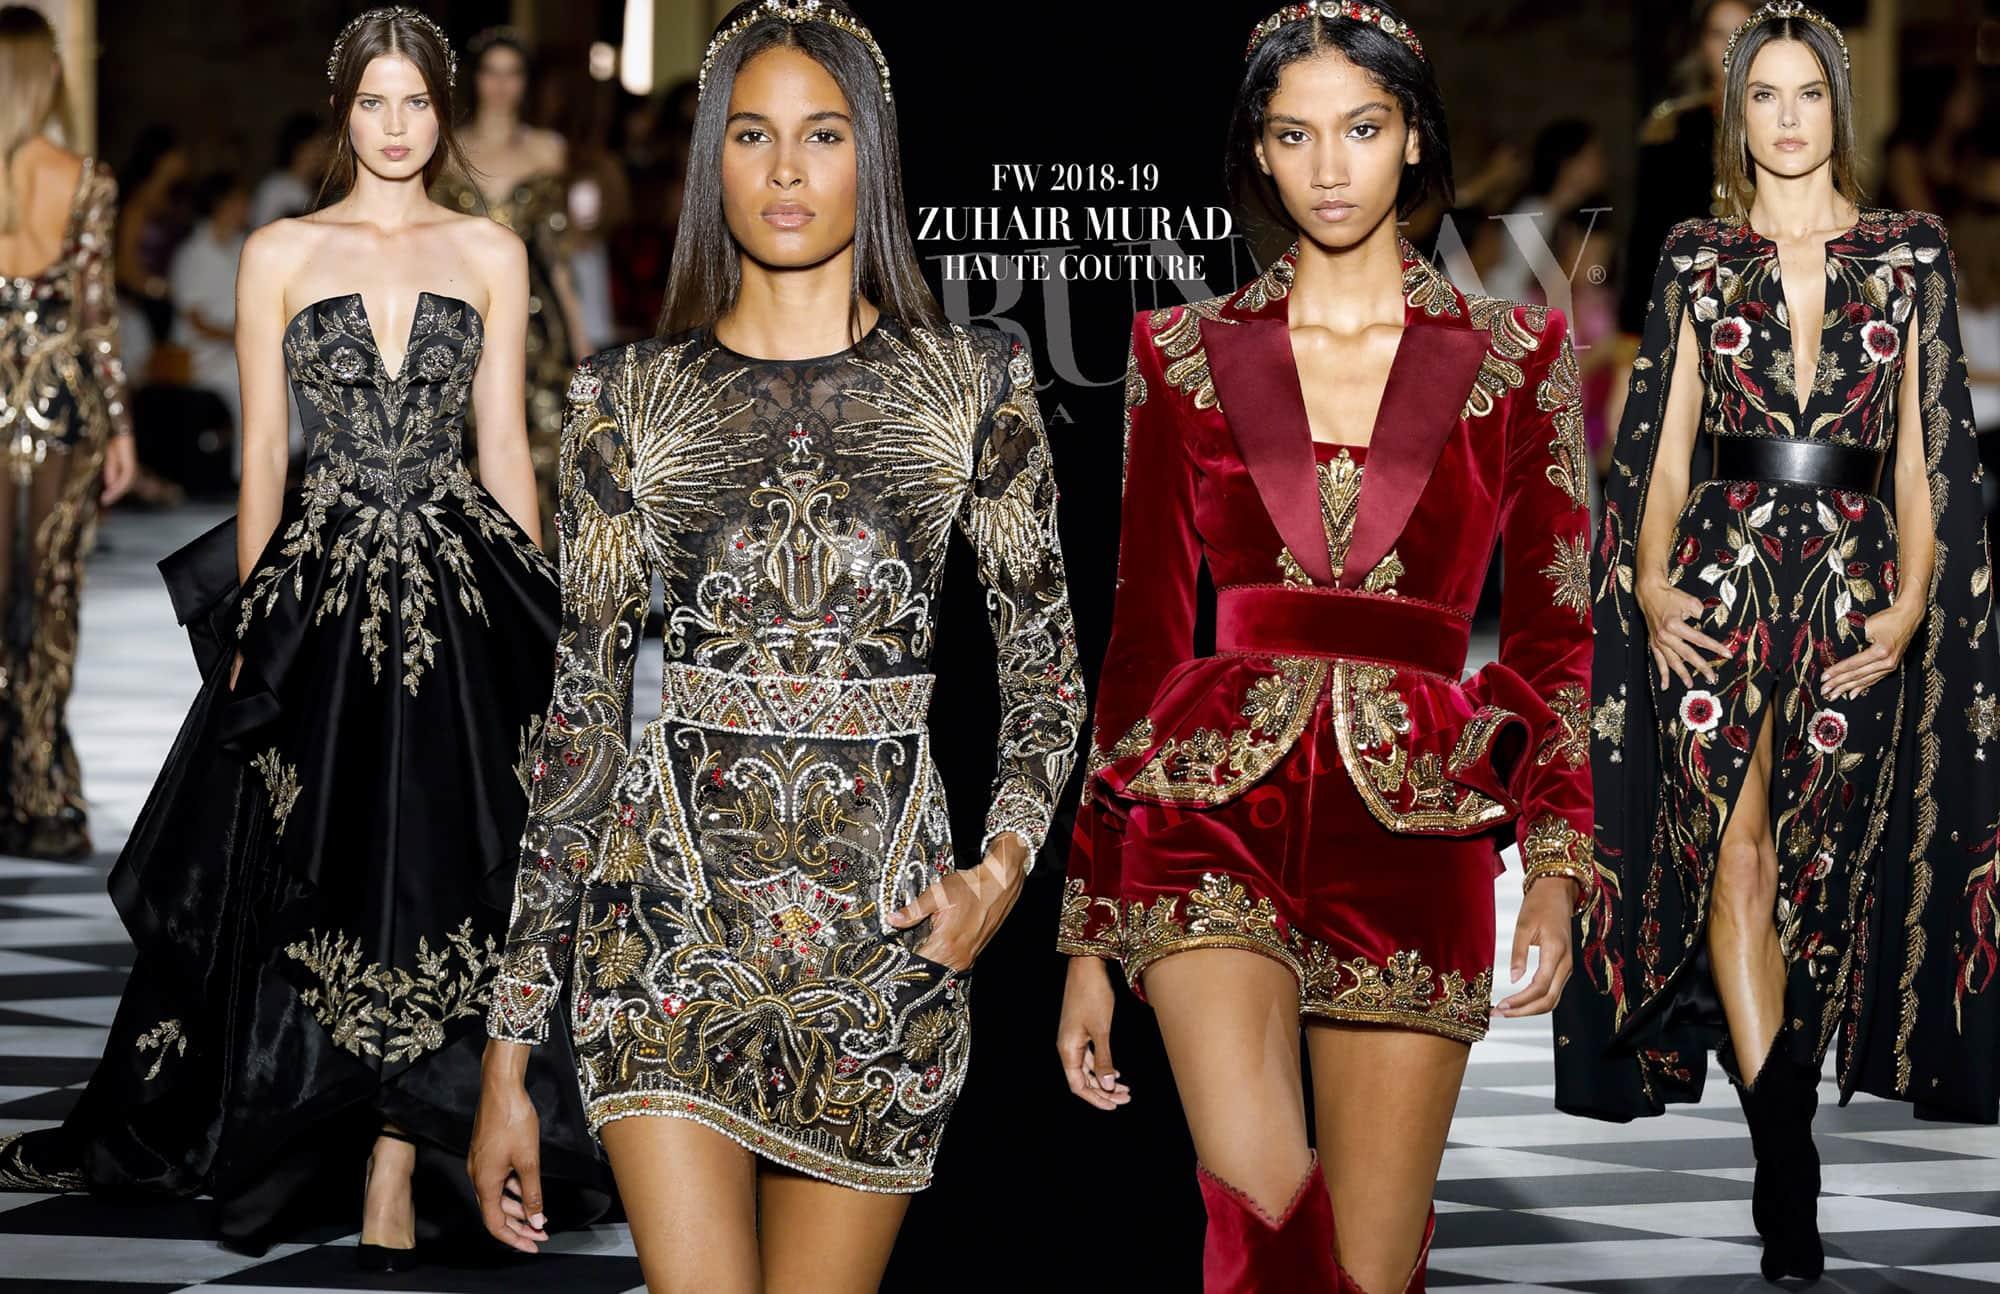 Zuhair Murad Haute Couture Fall-Winter 2018-2019 by RUNWAY MAGAZINE